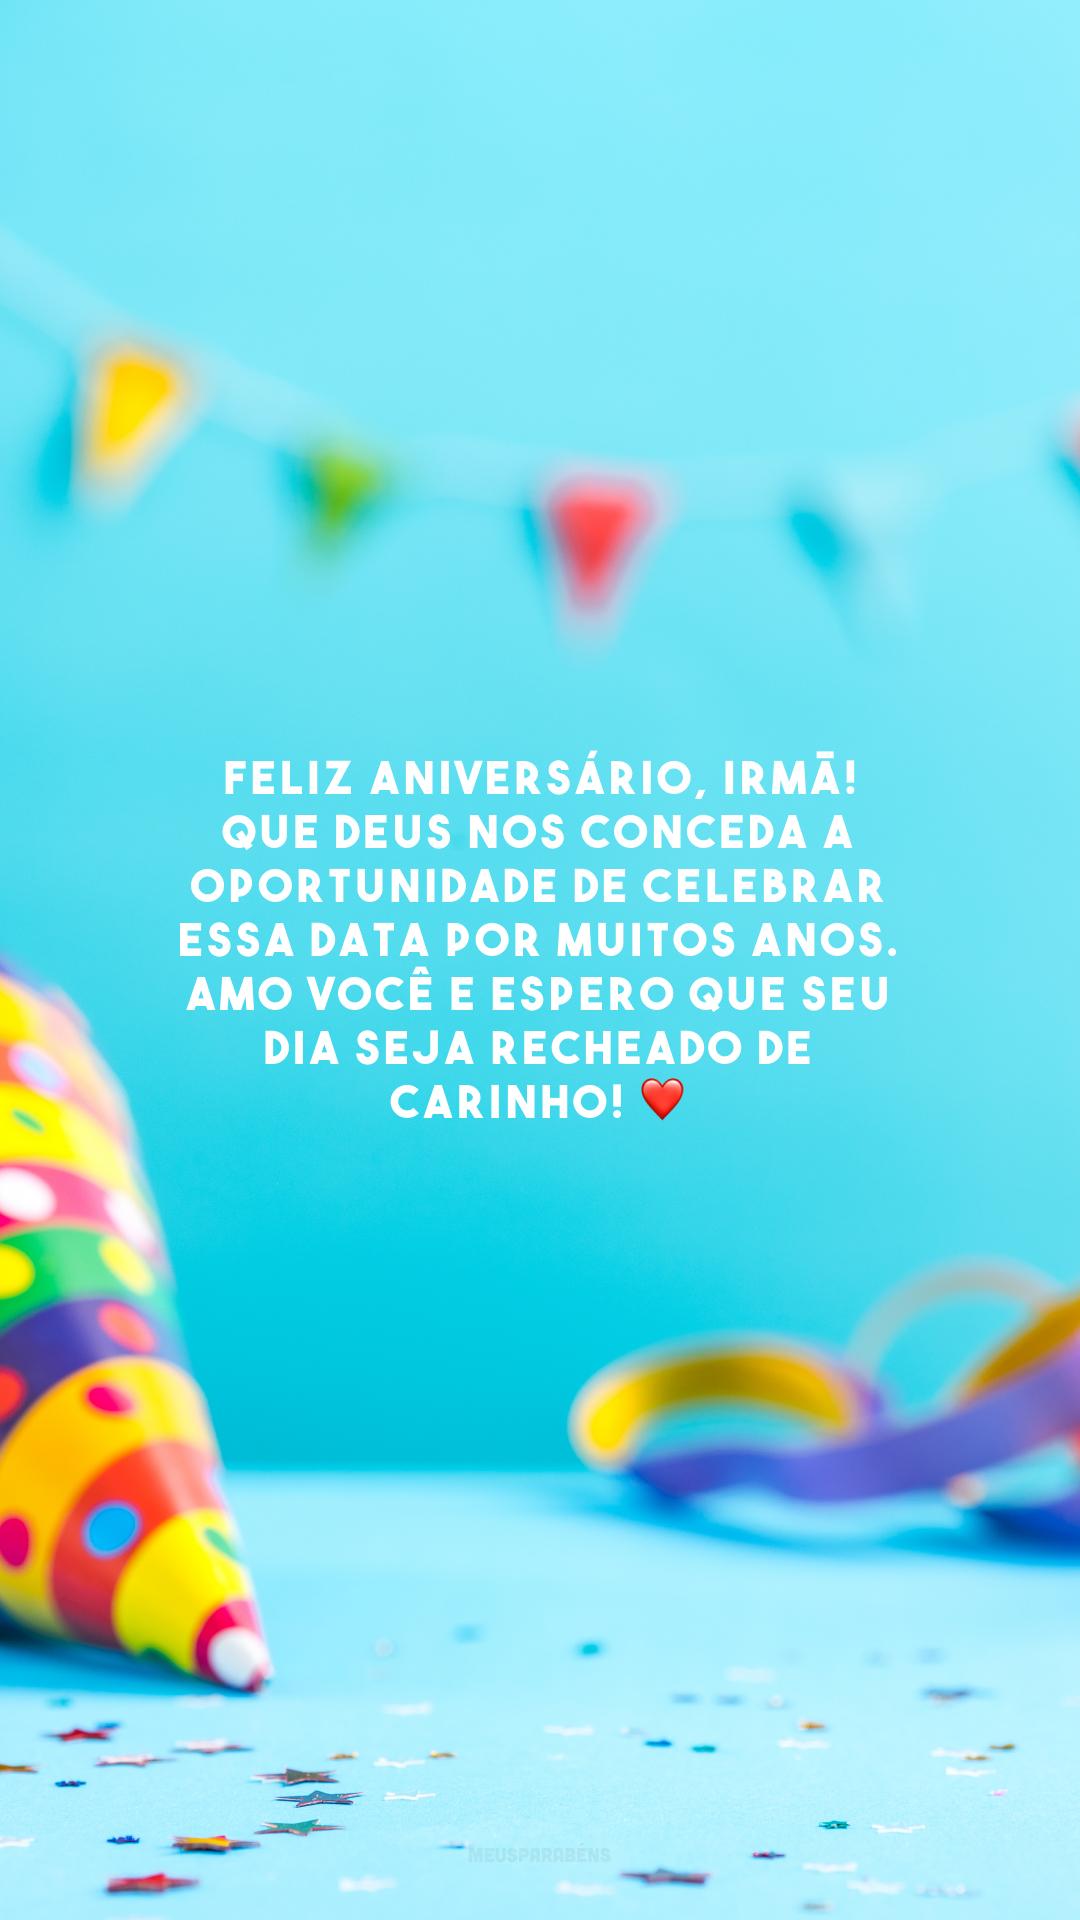 Feliz aniversário, irmã! Que Deus nos conceda a oportunidade de celebrar essa data por muitos anos. Amo você e espero que seu dia seja recheado de carinho! ❤️